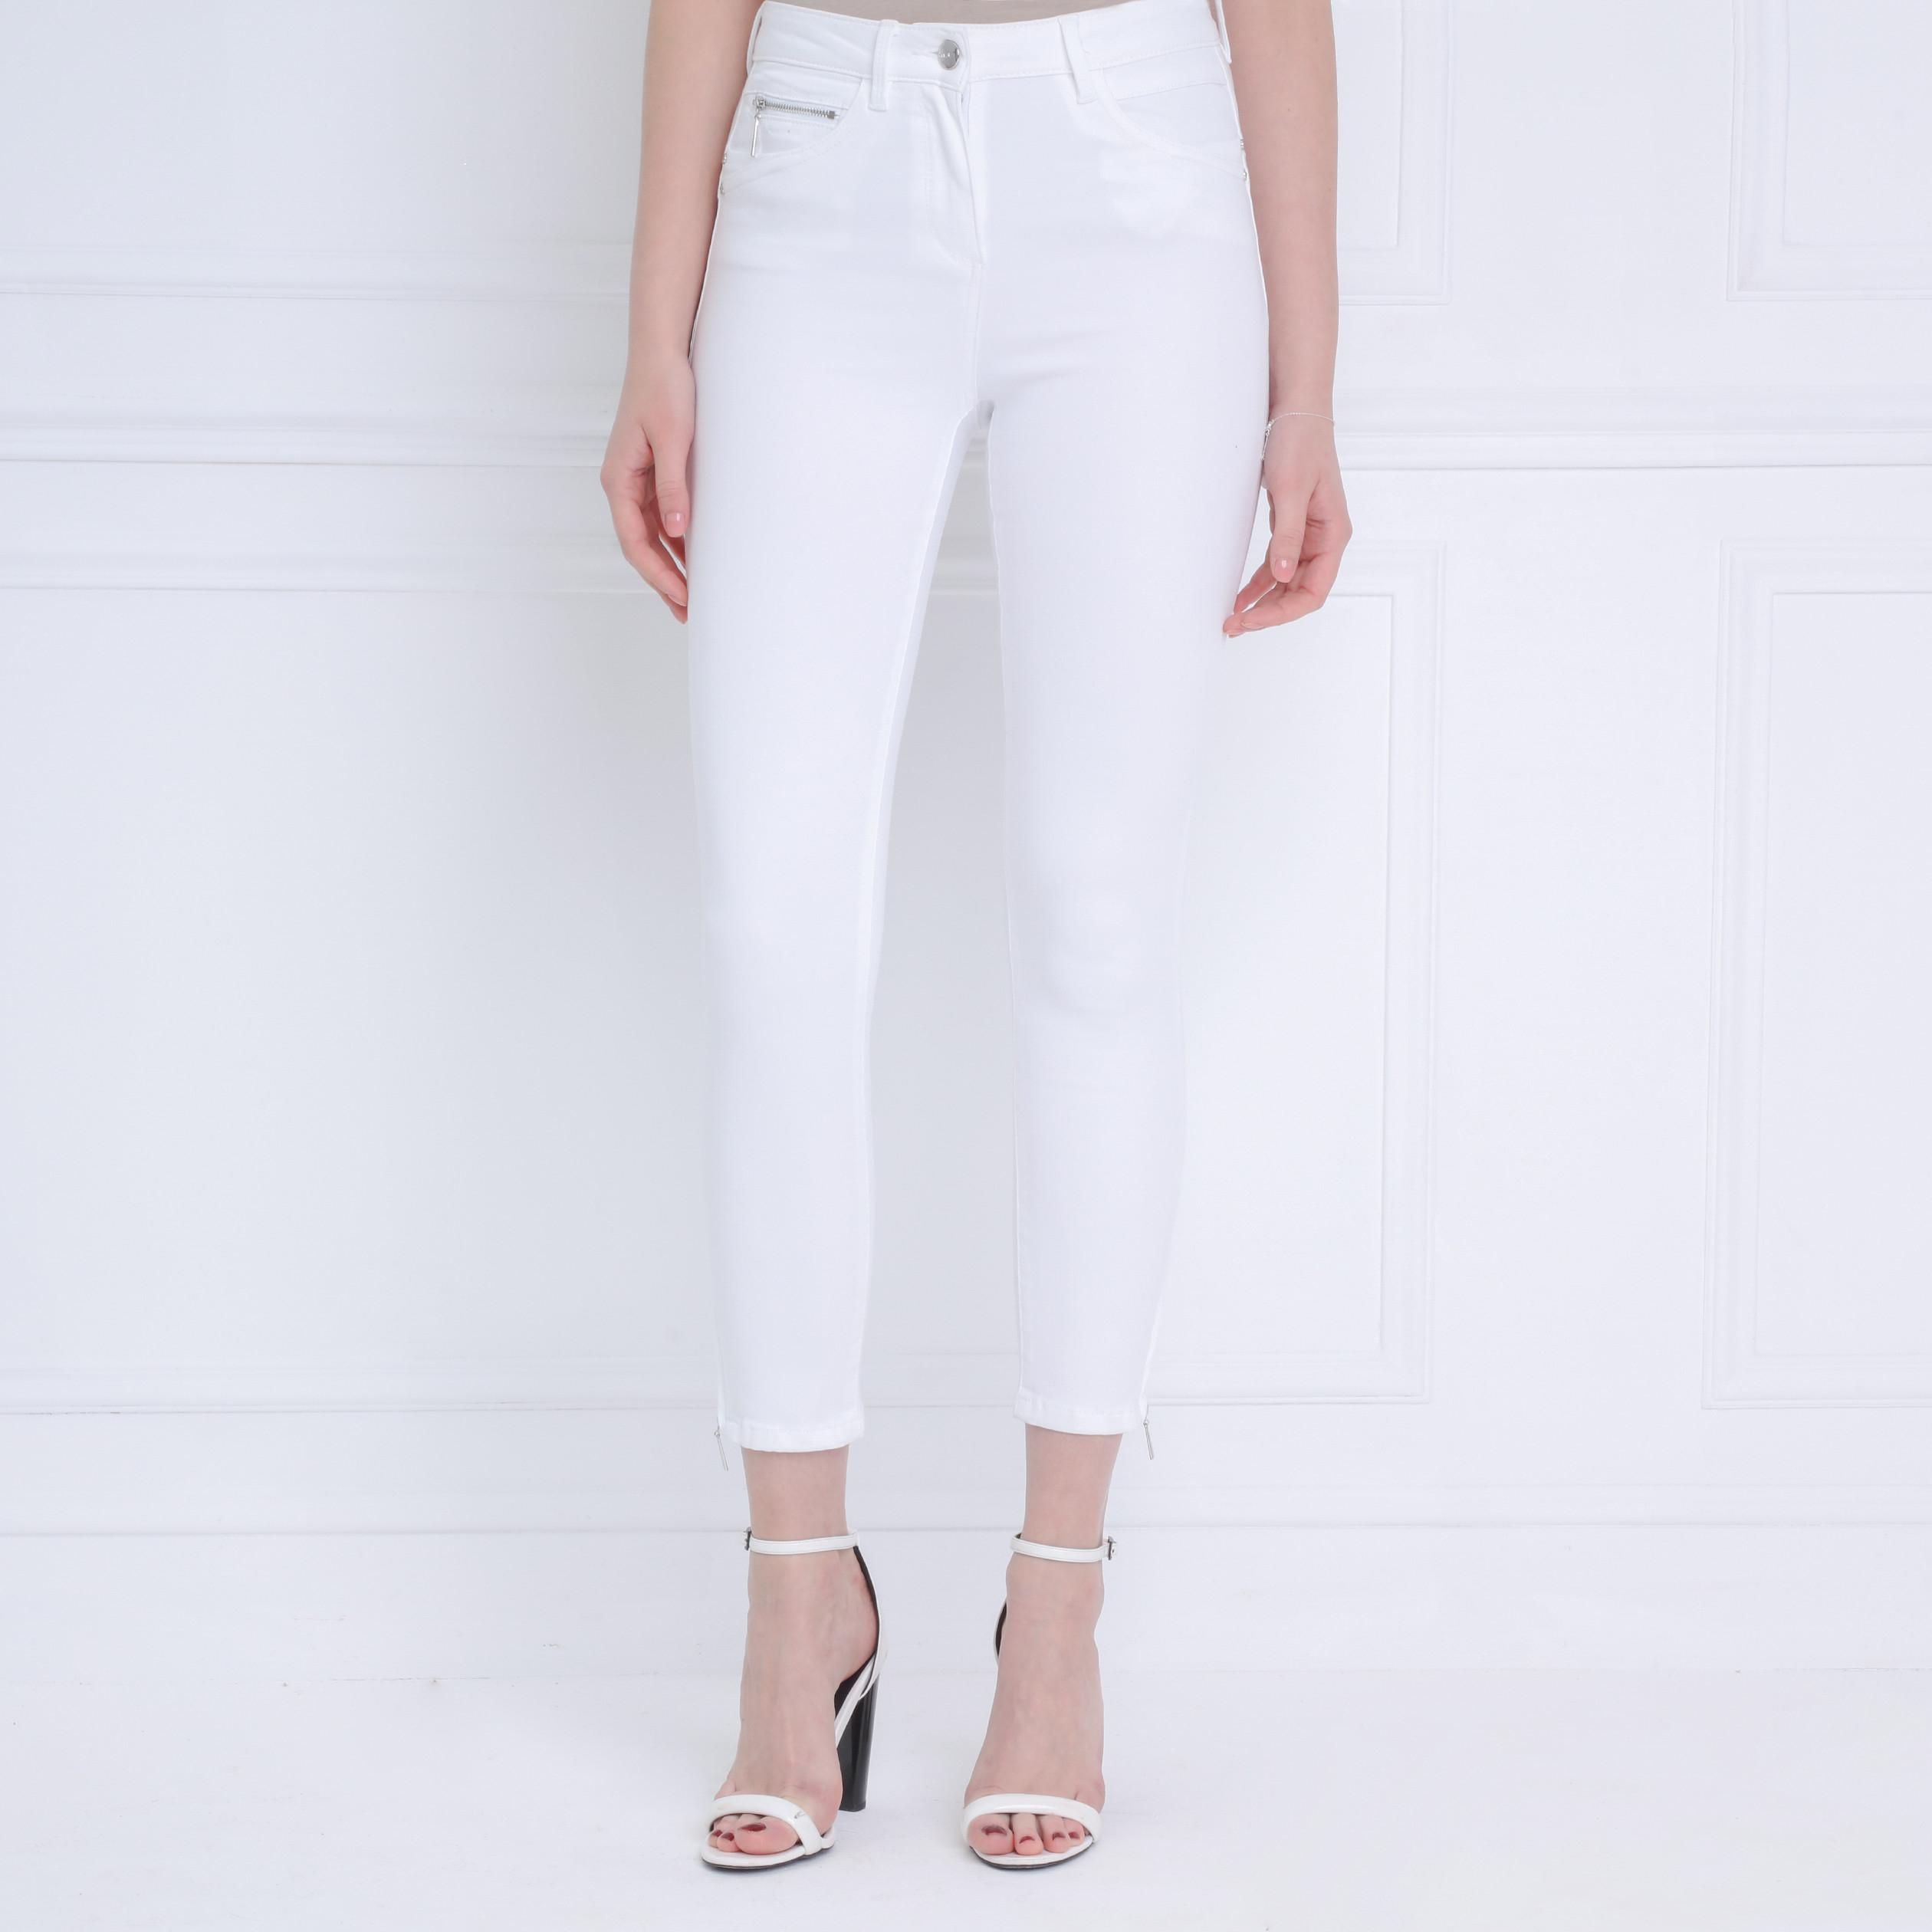 Pantalon Ajusté Taille Haute Blanc Femme | Bréal